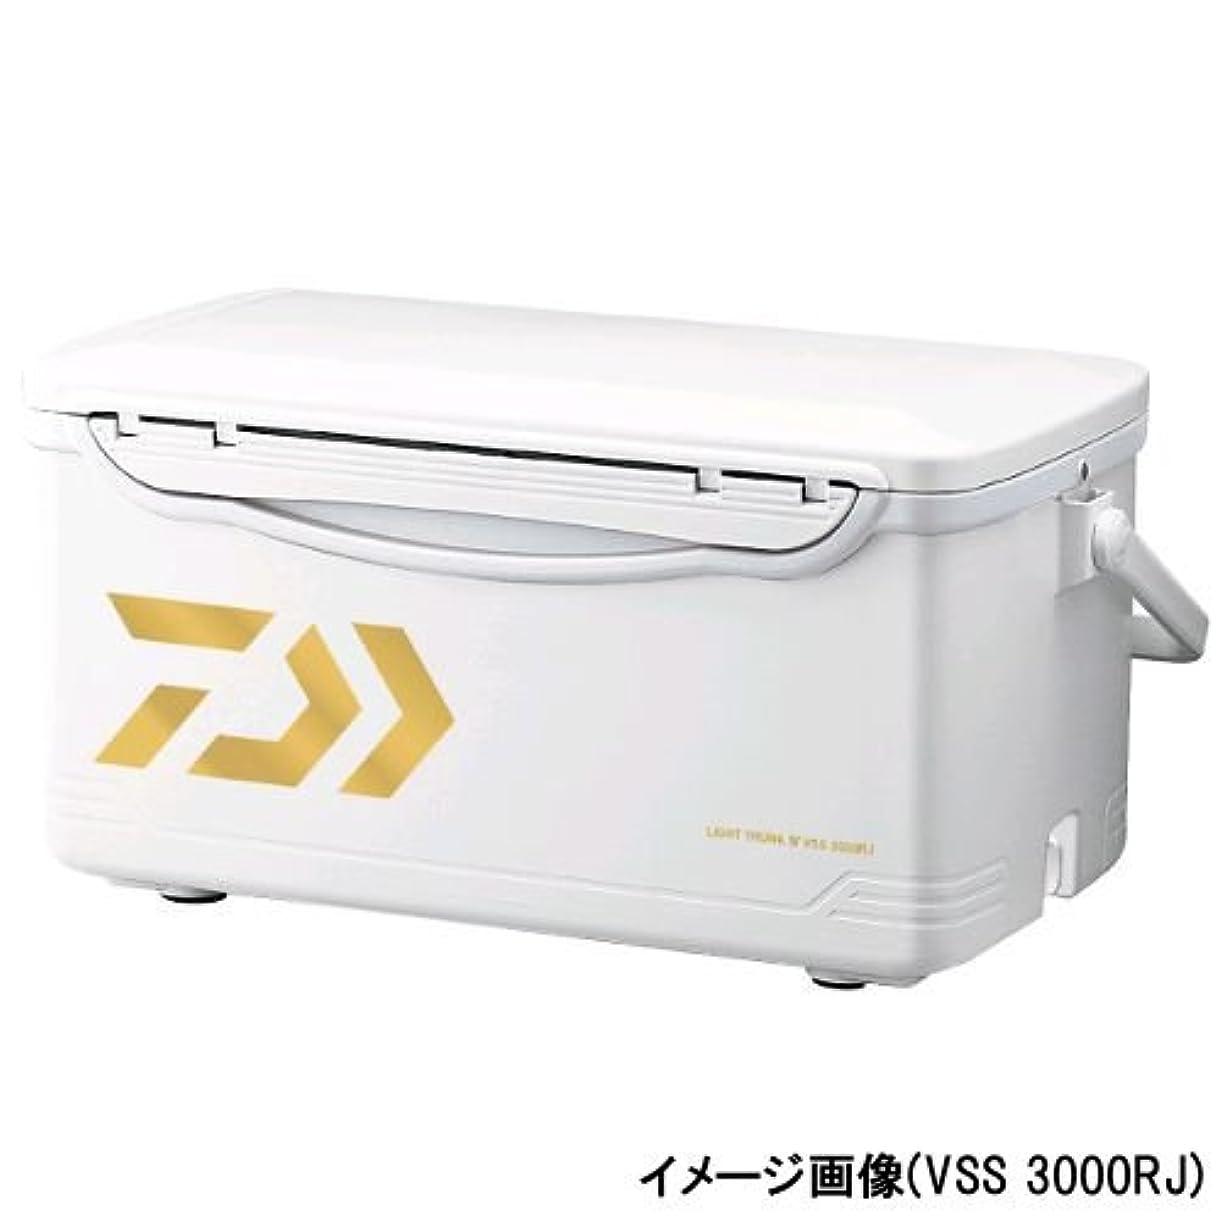 白雪姫ドラフトありがたいダイワ(Daiwa) クーラーボックス 釣り ライトトランク4 VSS2000R ゴールド